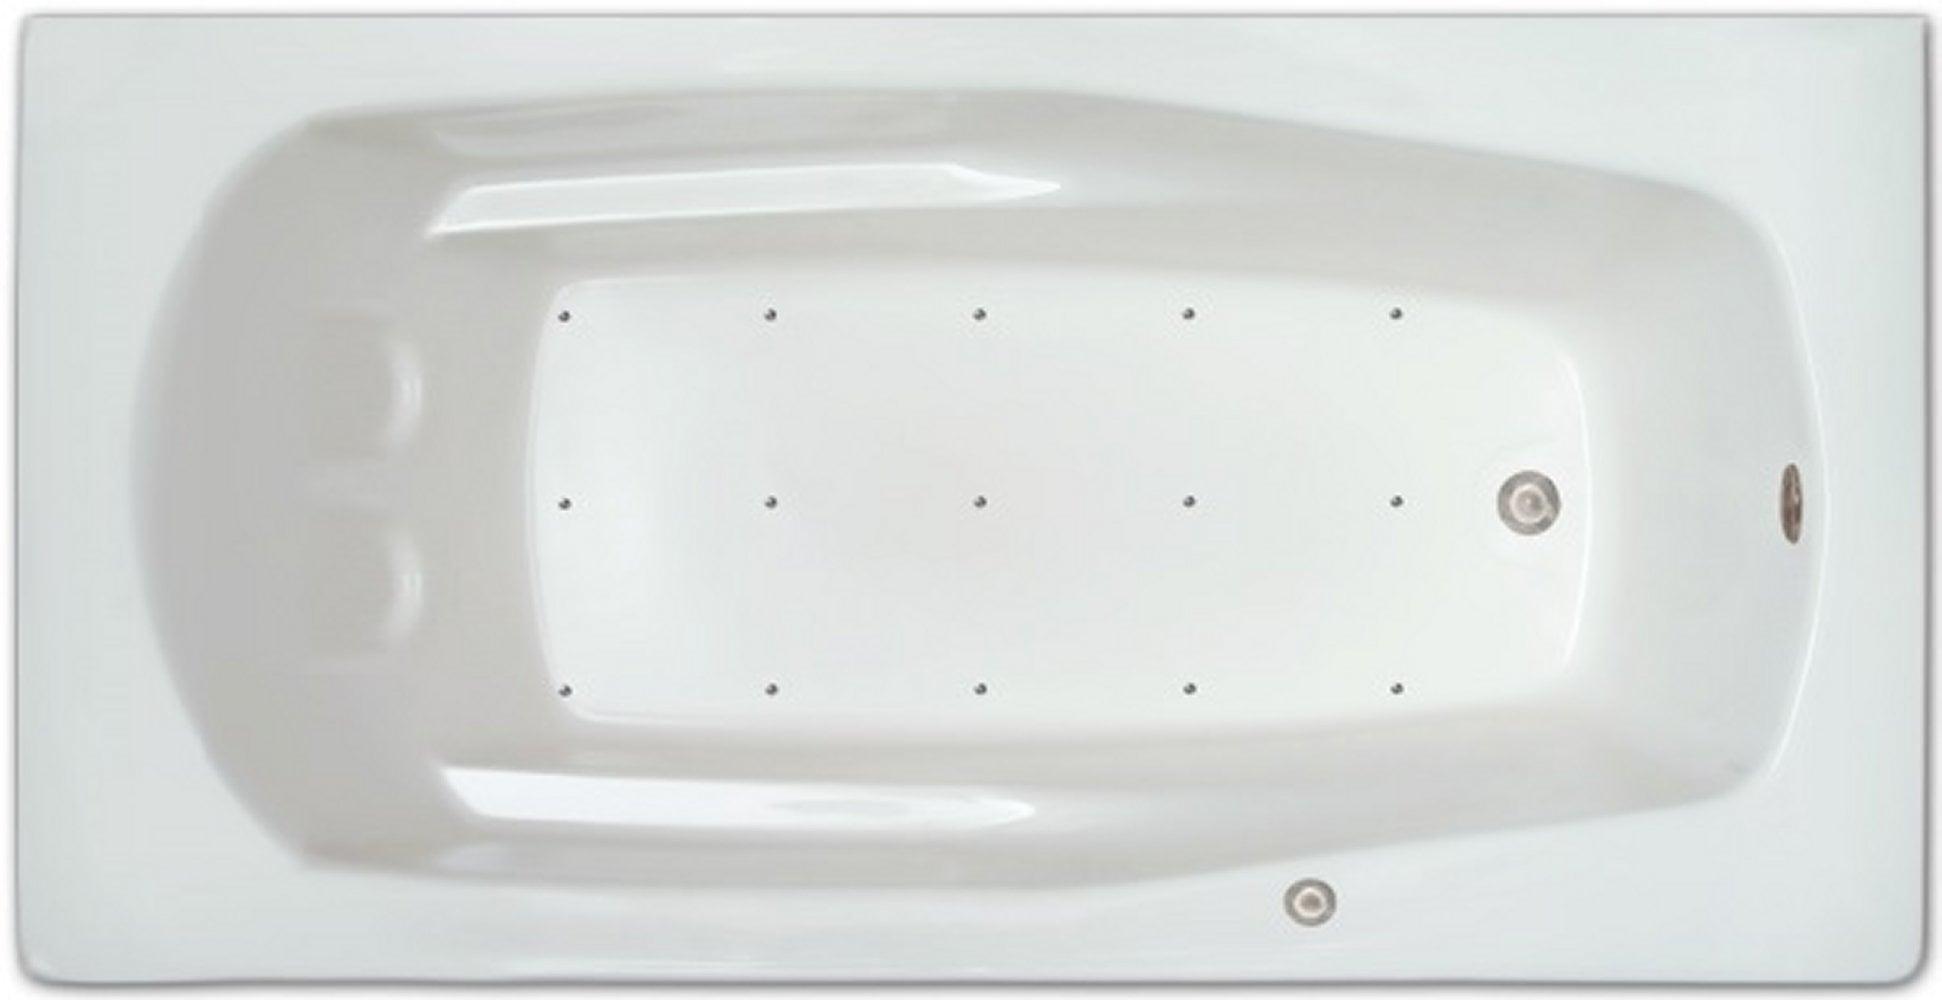 Drop-in Bathtub / 71x36x17 / high gloss white acrylic / Rectangle / LPI229-A-RD Pinnacle Bath - Air Bath 0